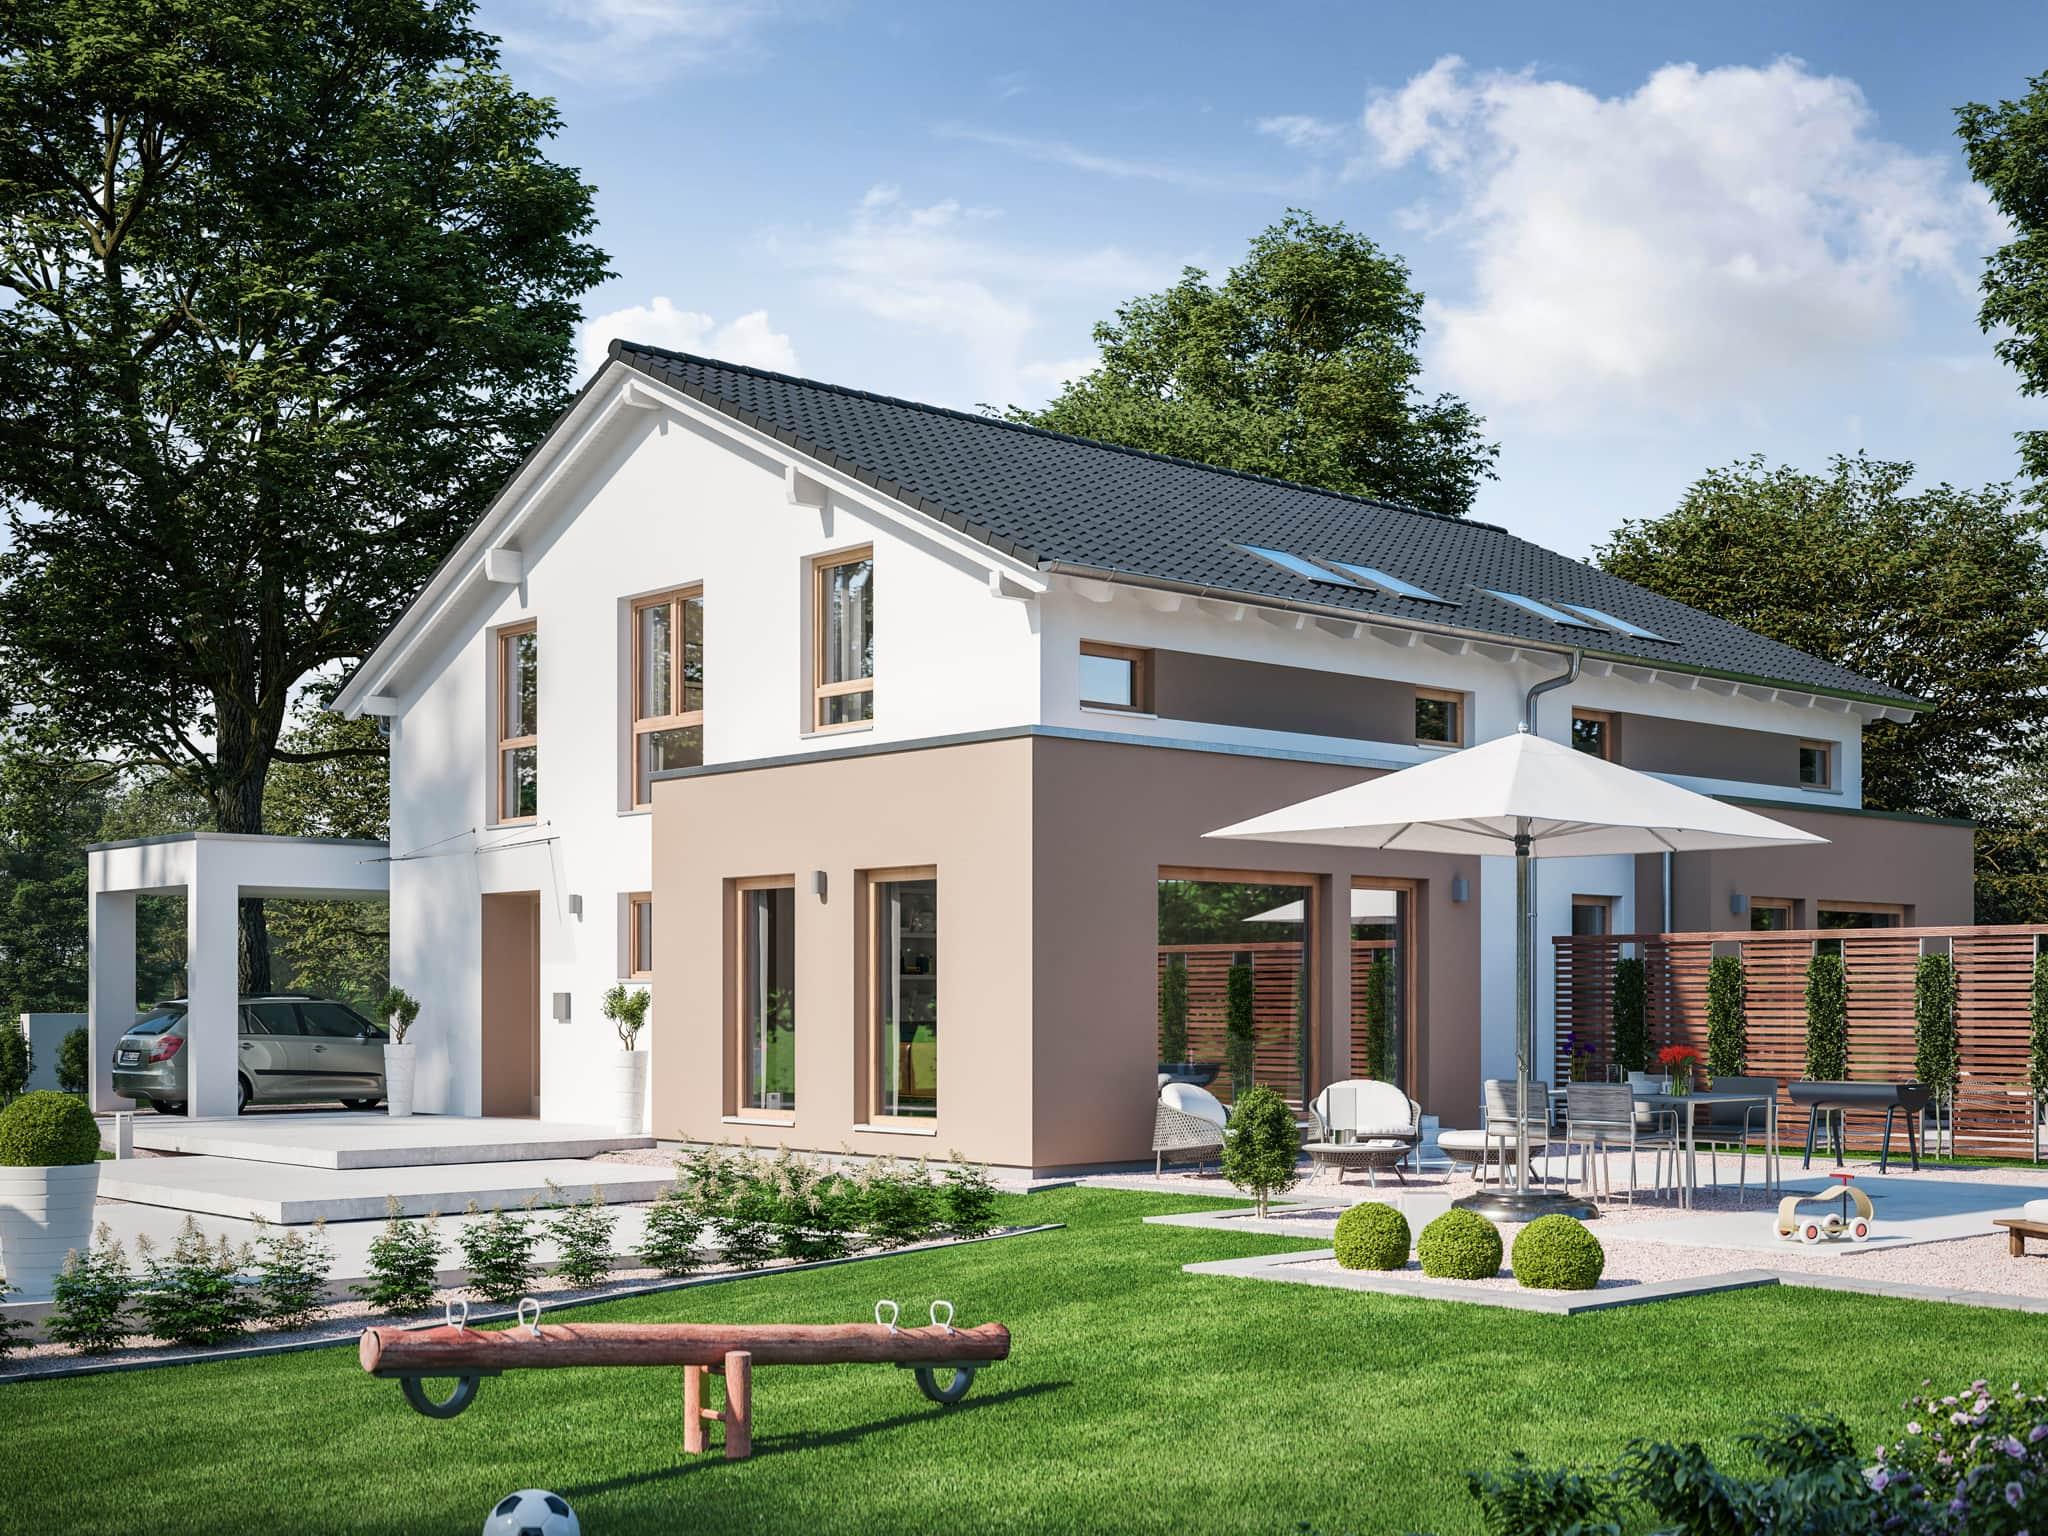 Zweifamilienhaus nebeneinander als Doppelhaus mit separaten Eingängen, Carport & Satteldach - Mehrgenerationenhaus bauen Ideen Fertighaus SOLUTION 242 V5 von Living Haus - HausbauDirekt.de